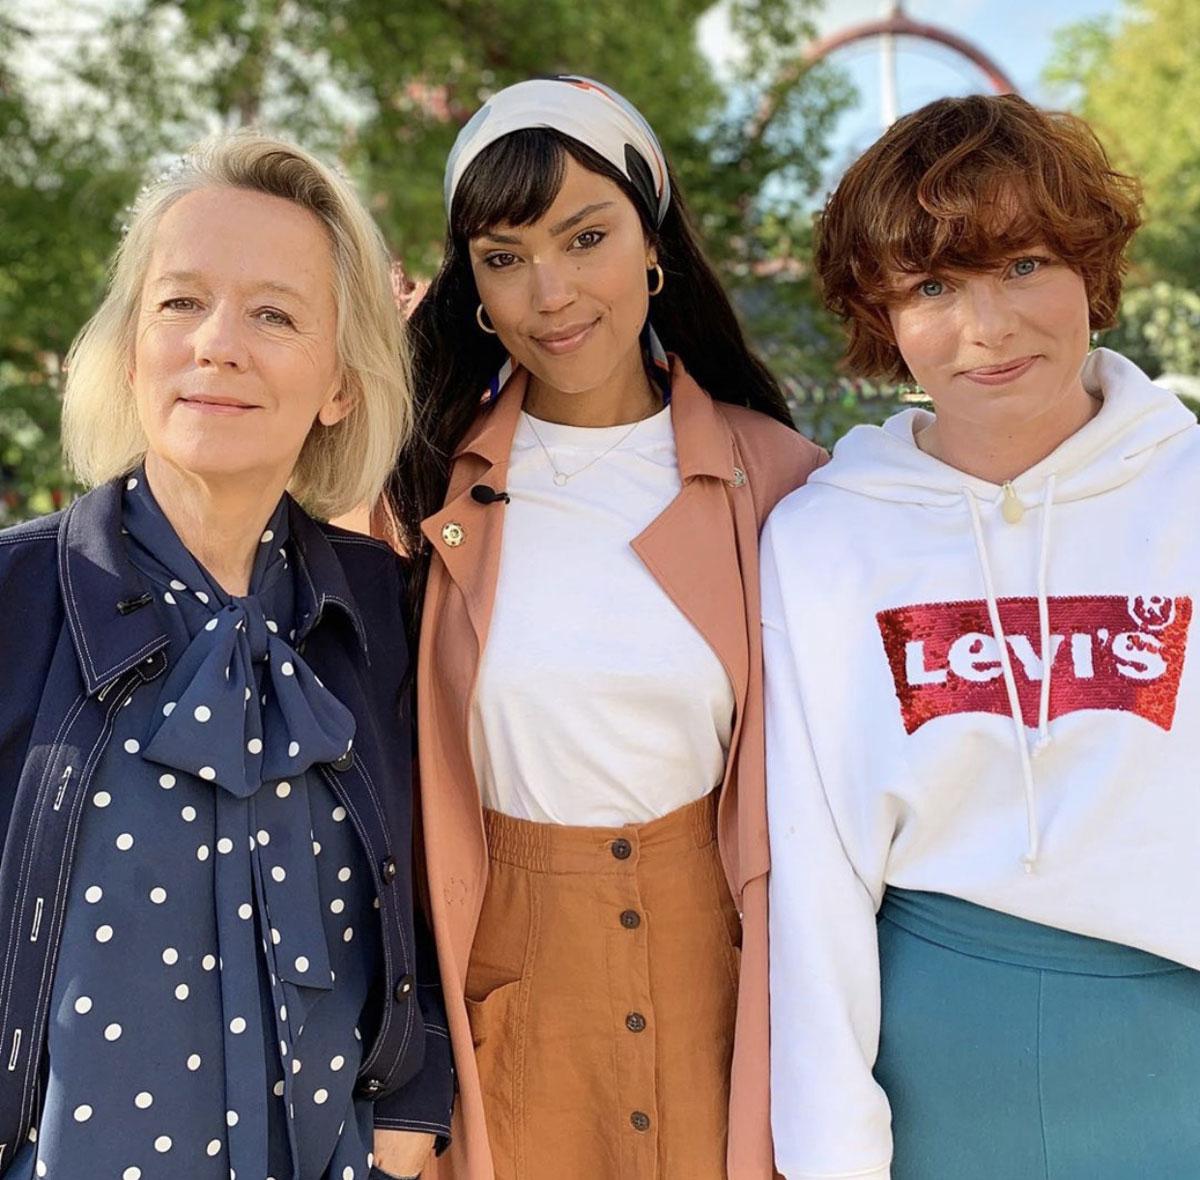 Anne Dorte Michelsen, Kwamie Liv & Annika Aakjær